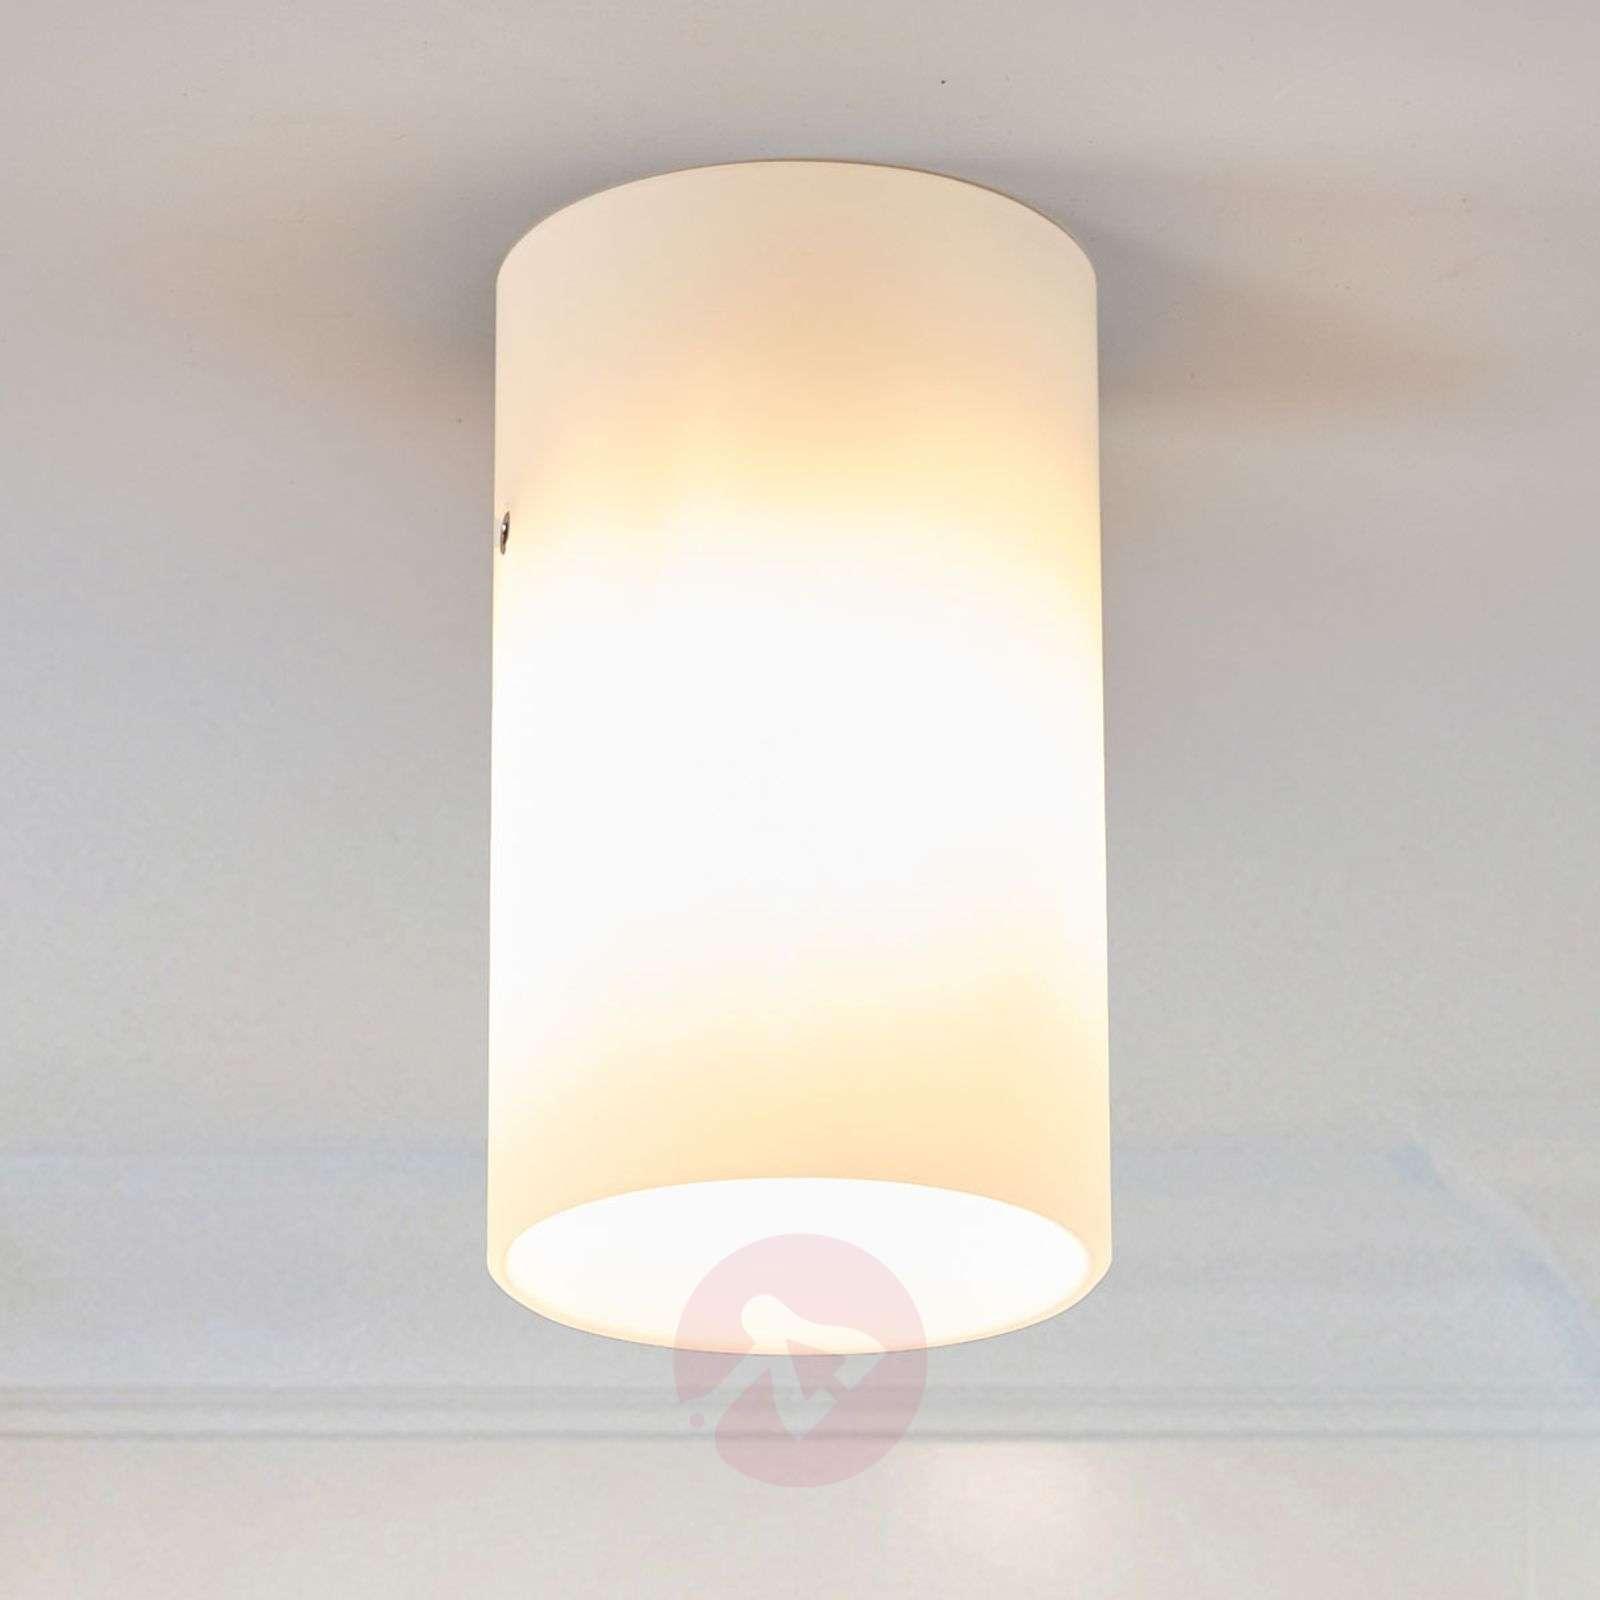 Pyöreä Tube-kattovalaisin-2000068-02